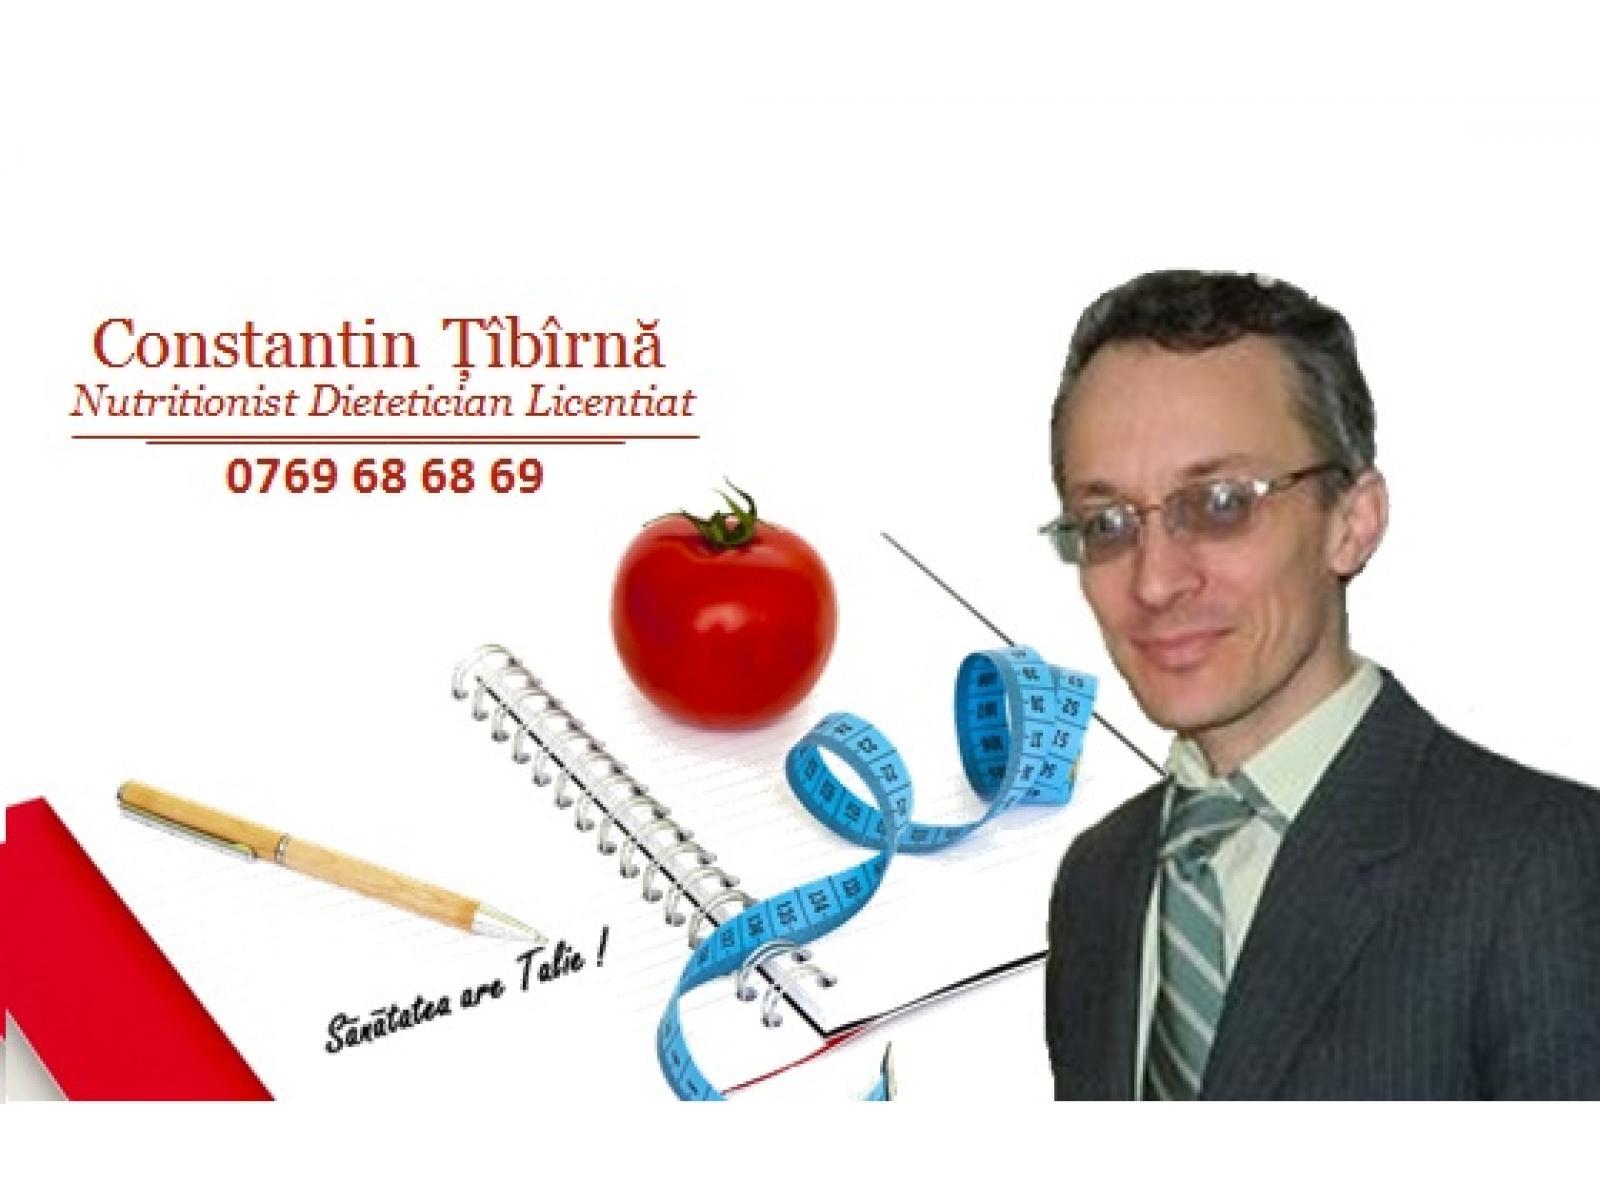 Cabinet de Nutritie si Dietetica - Constantin Tibirna - Constantin_Tibirna_Nutritionist_si_Dietetician_Licentiat.jpg